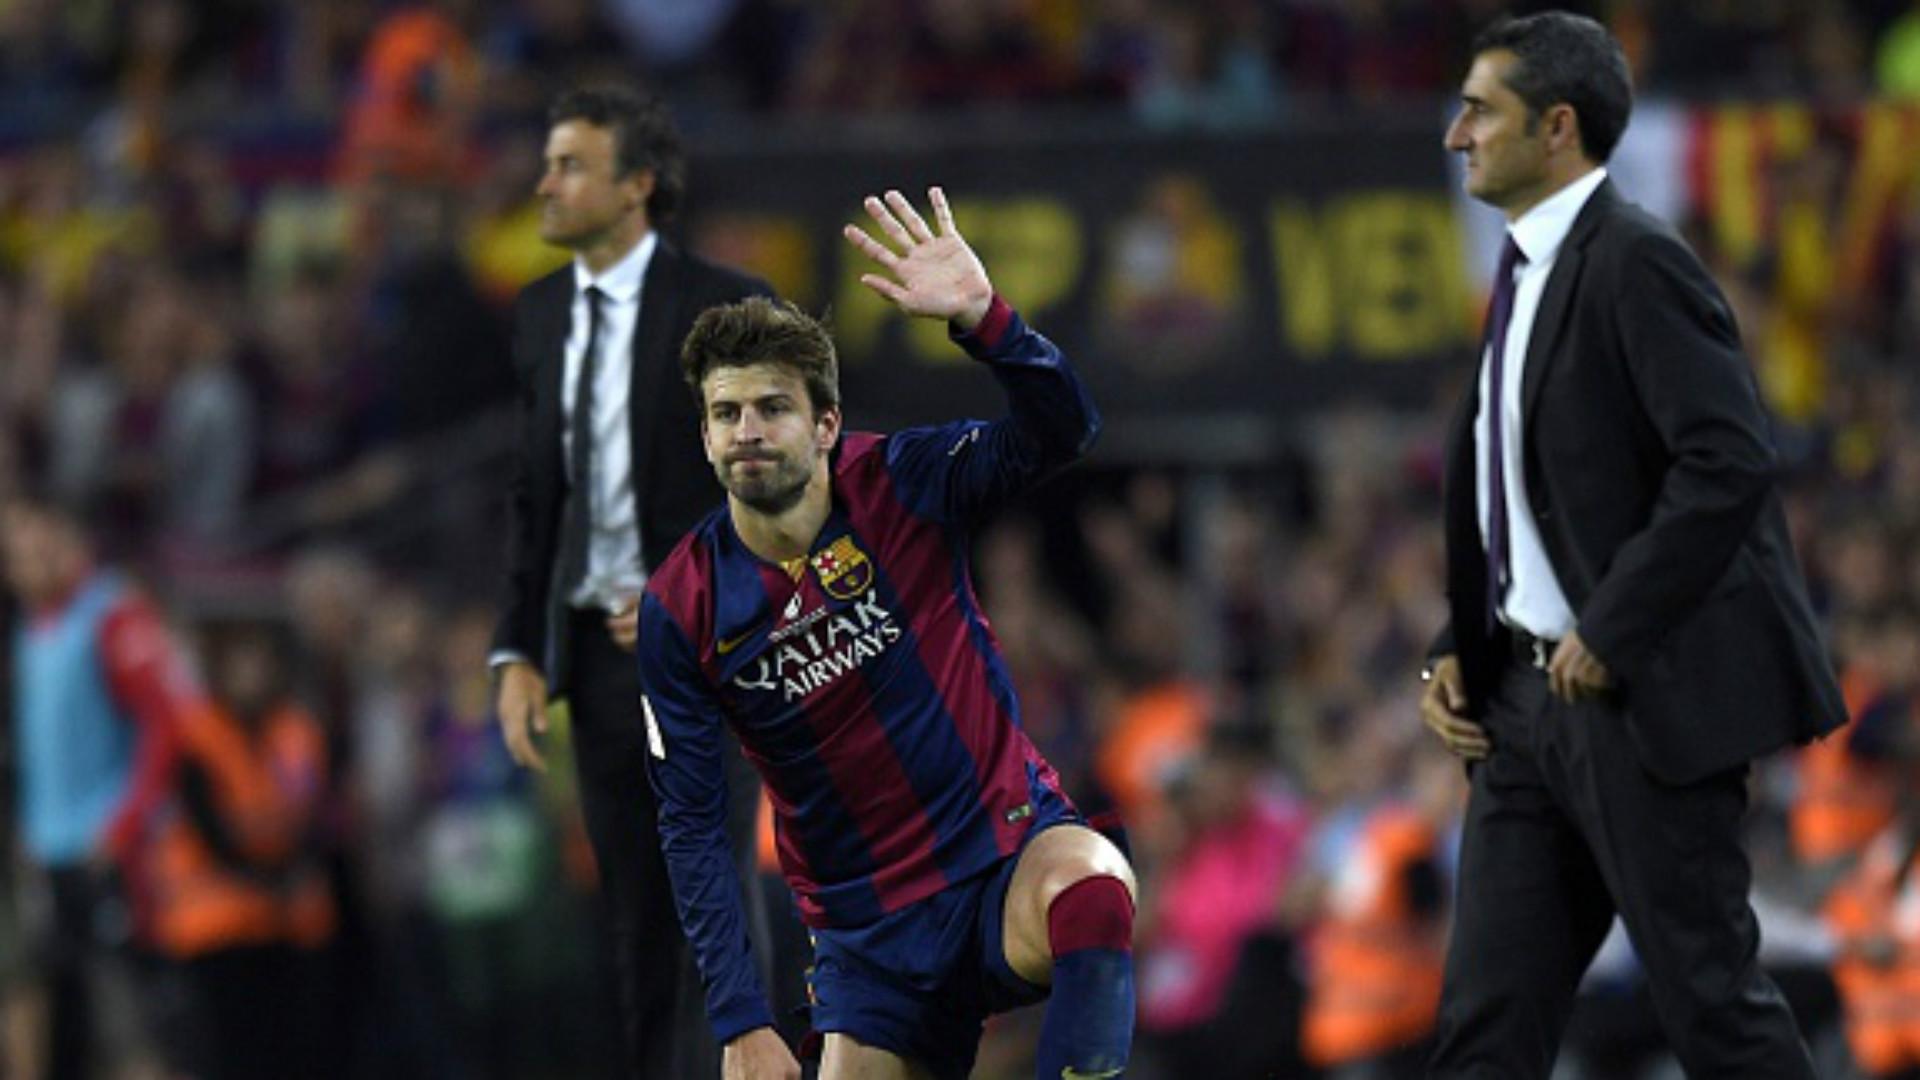 Pique Luis Enrique Valverde Athletic Barcelona Copa del Rey